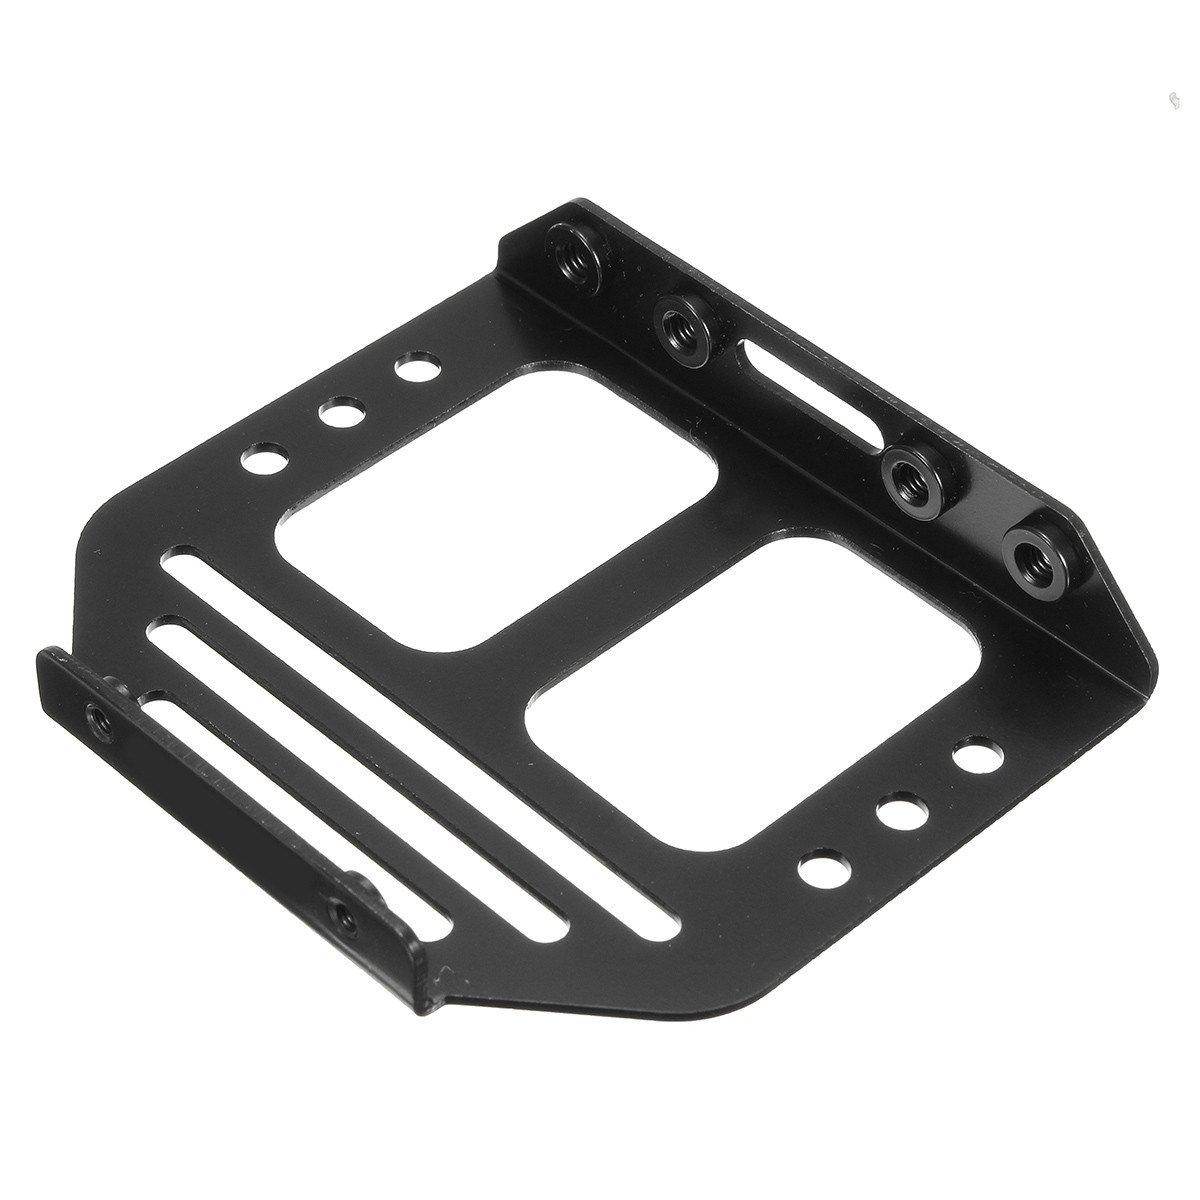 Alamor Chasis del Soporte del Extrusor De Metal Mk8 para Impresora Dual Head 3D Prusa I3